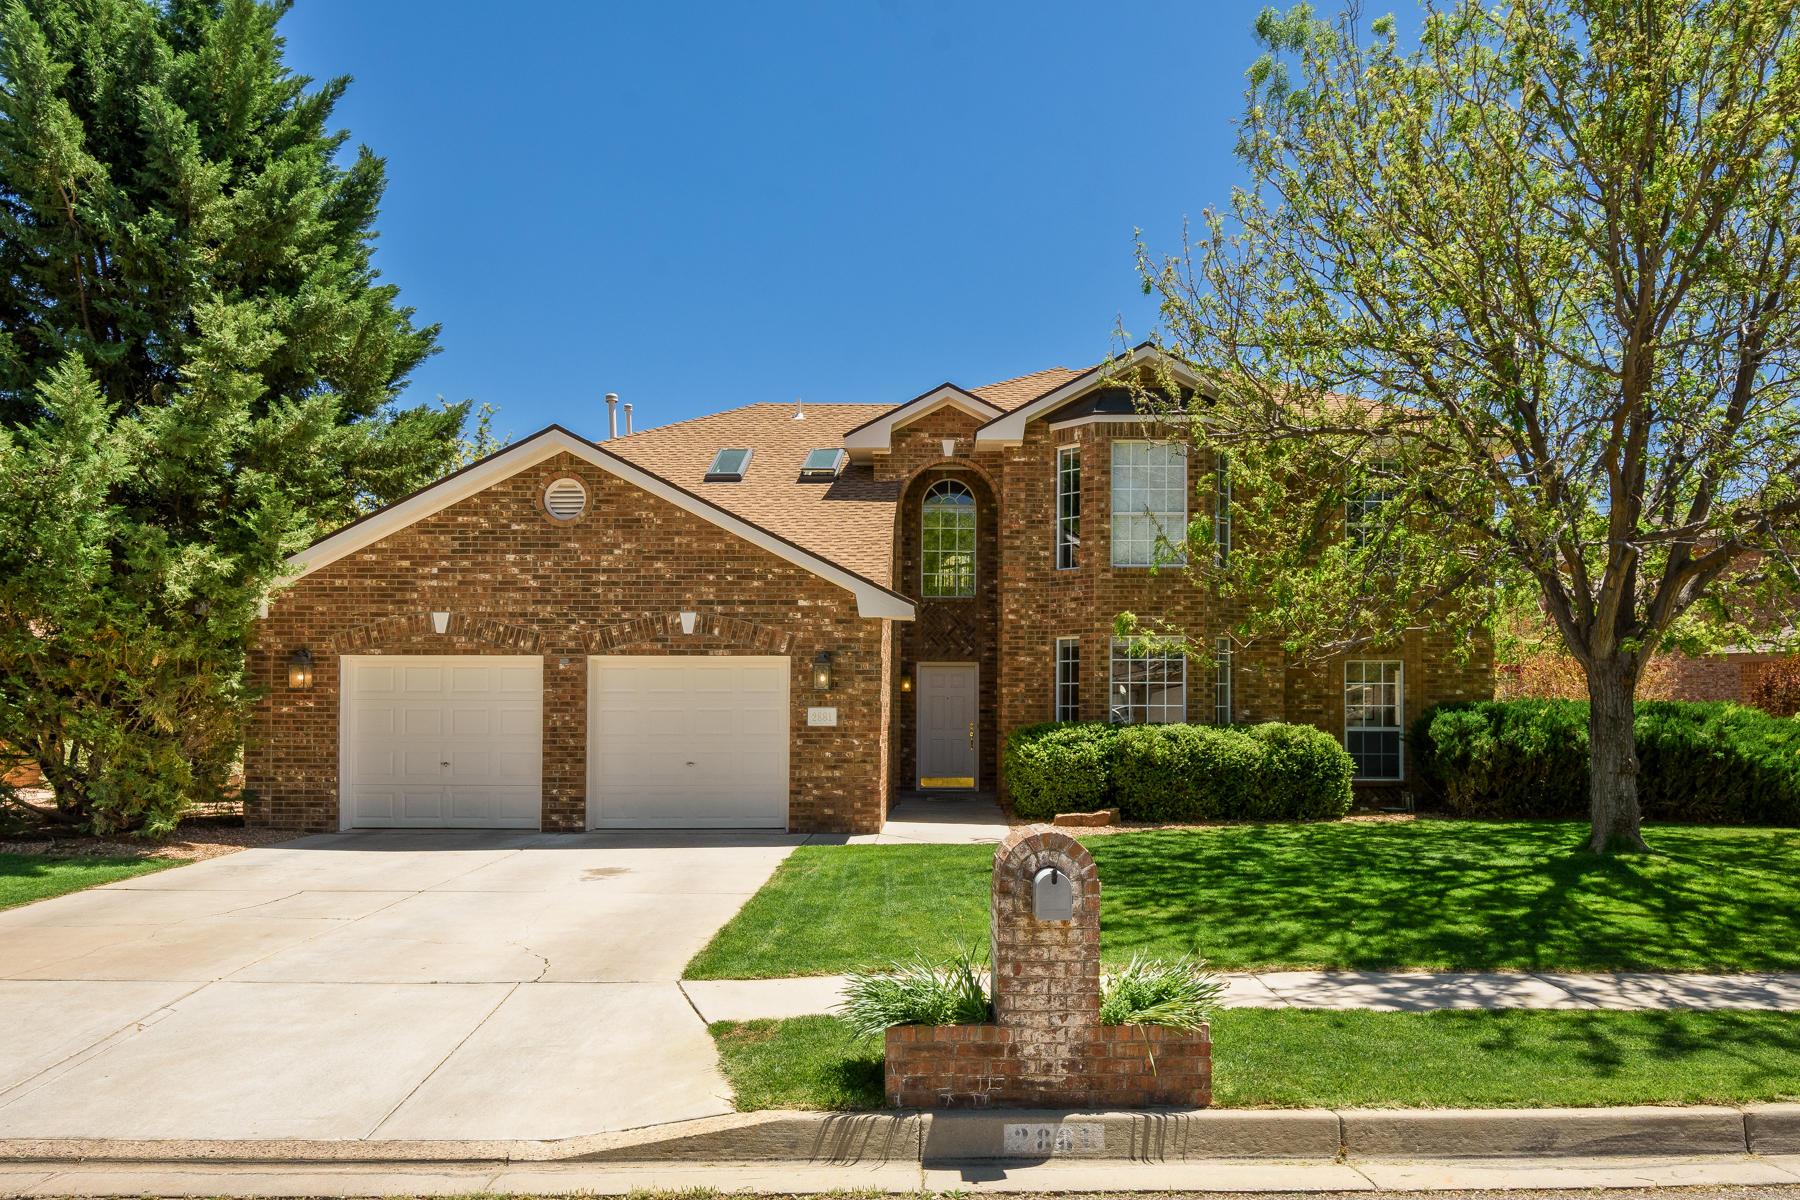 2881 W Island Loop SE, Rio Rancho, NM 87124 - Rio Rancho, NM real estate listing